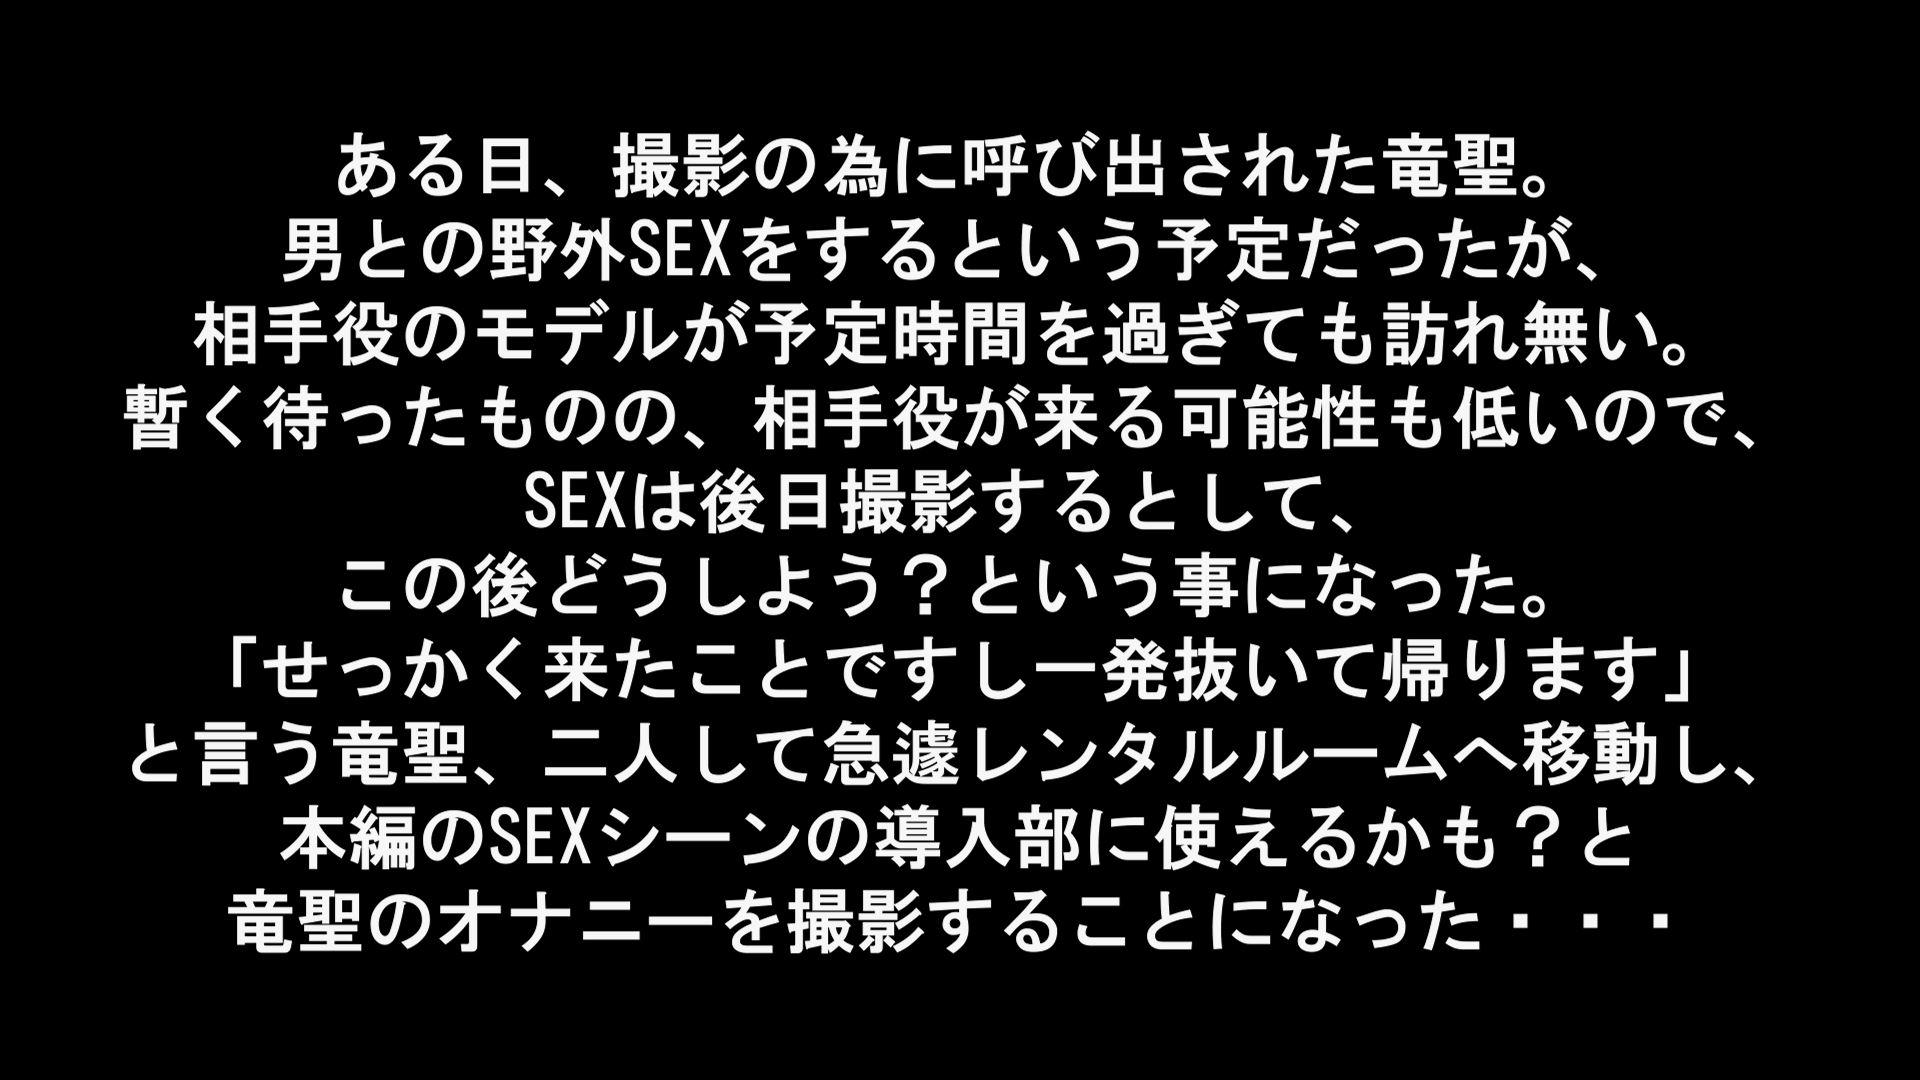 okurairi-ryusei-solocum (3)